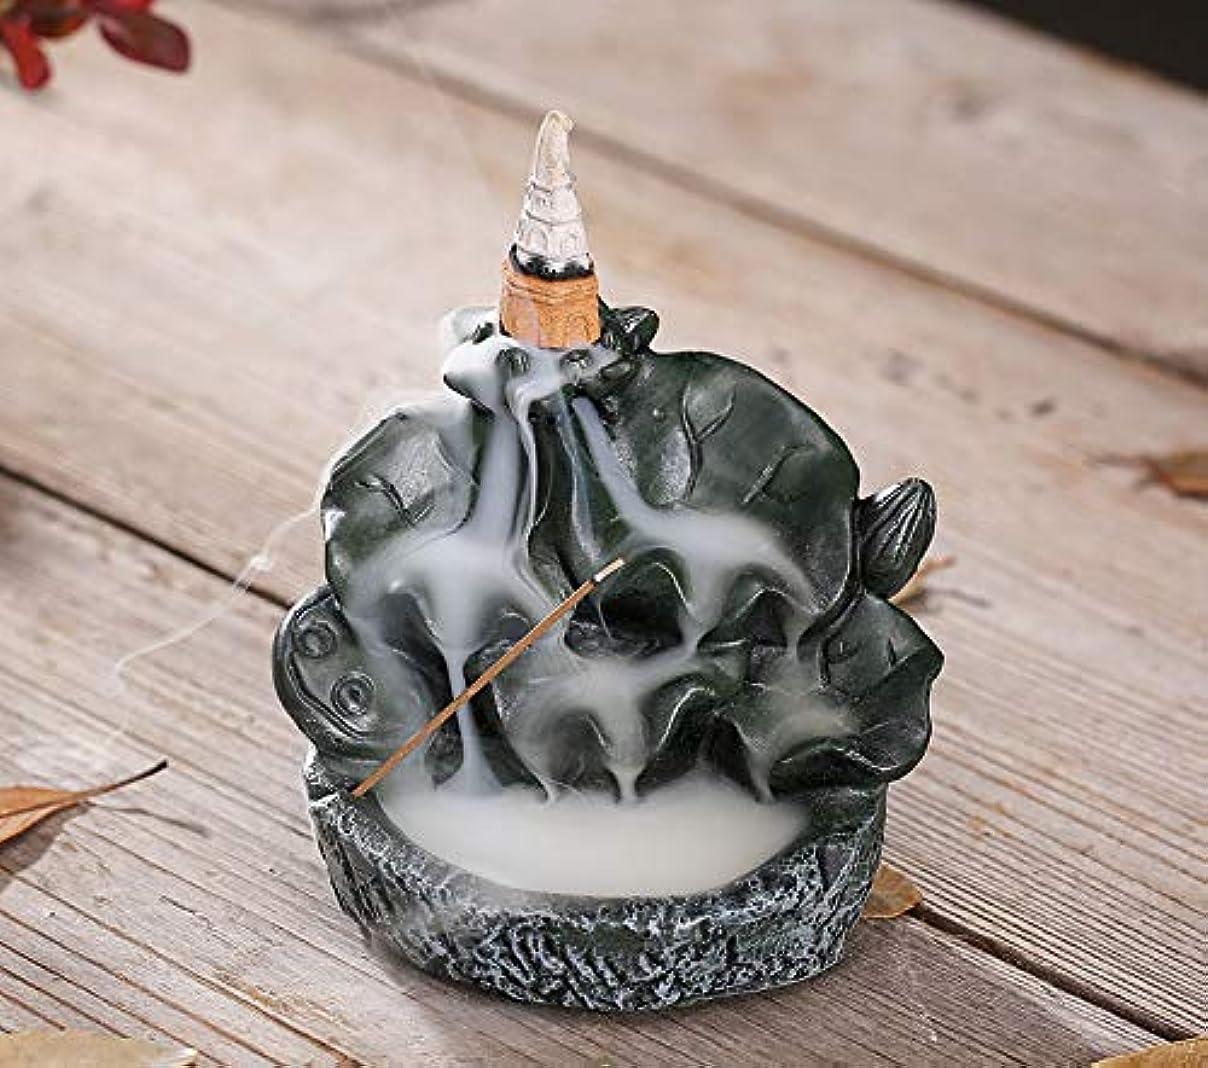 課す絞るガイドPHILOGOD香炉ロータススタイリング陶器逆流香炉線香香立て仏壇用香置物/香皿